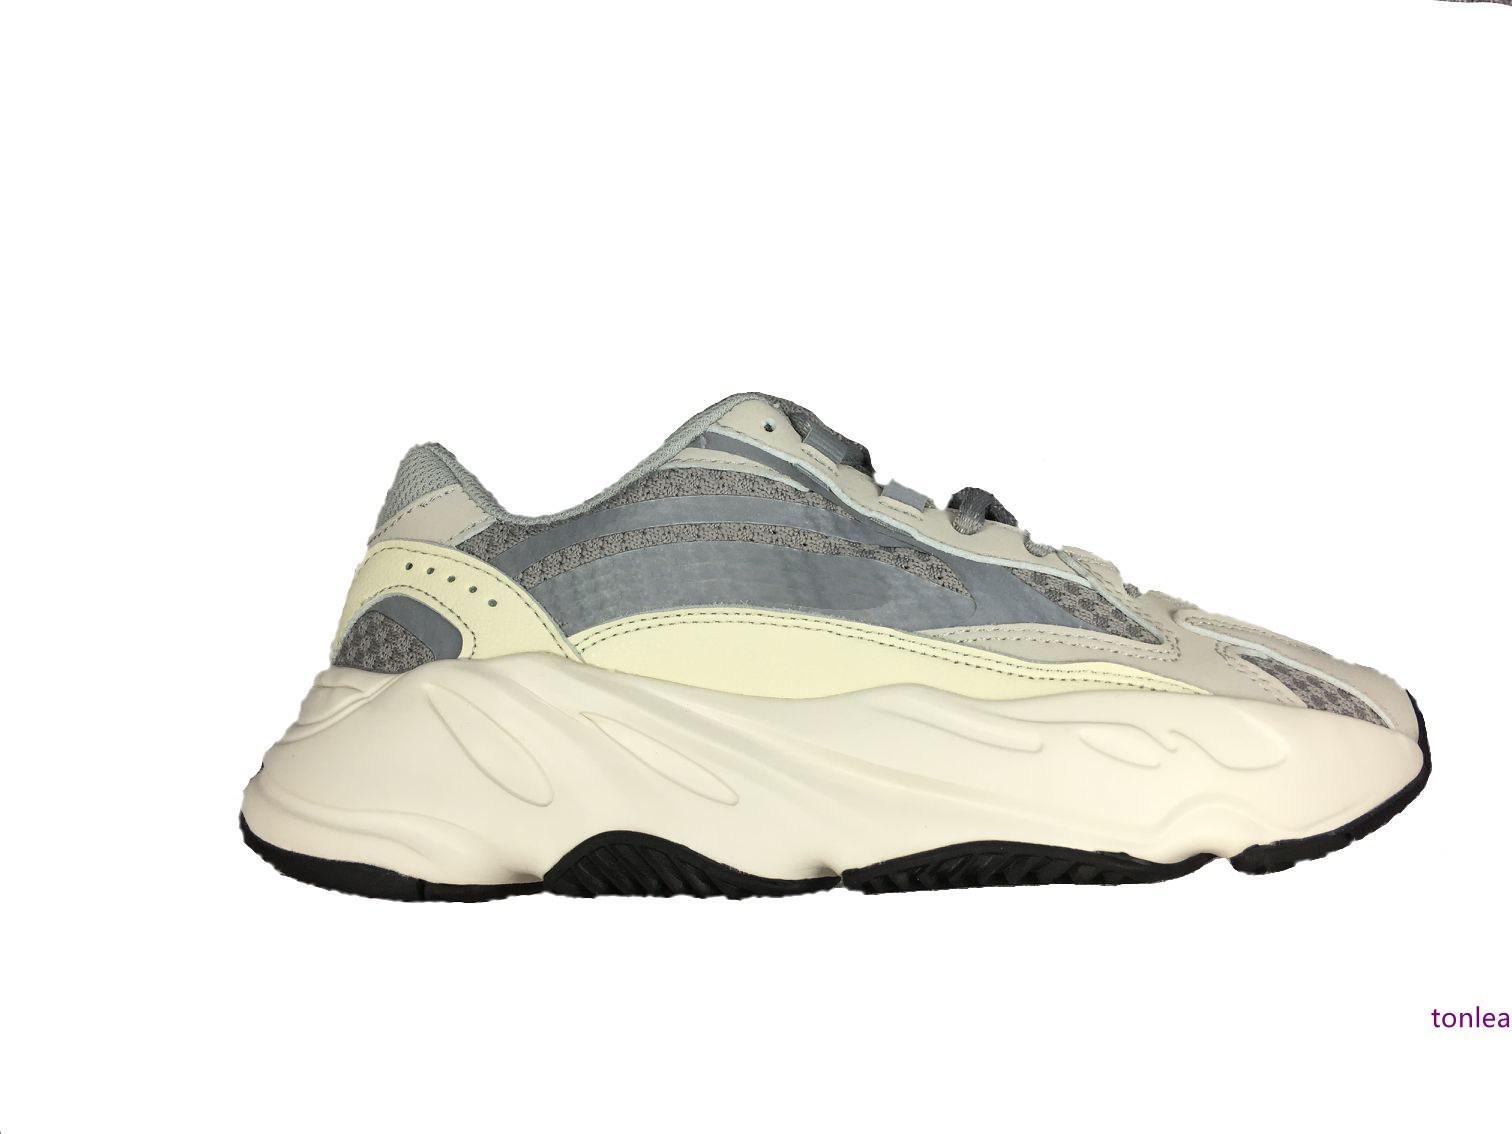 onda estática corredor V dois reflexivas tênis oeste barata 2019 novos homens formadores sneakers corredor das mulheres calçados esportivos com